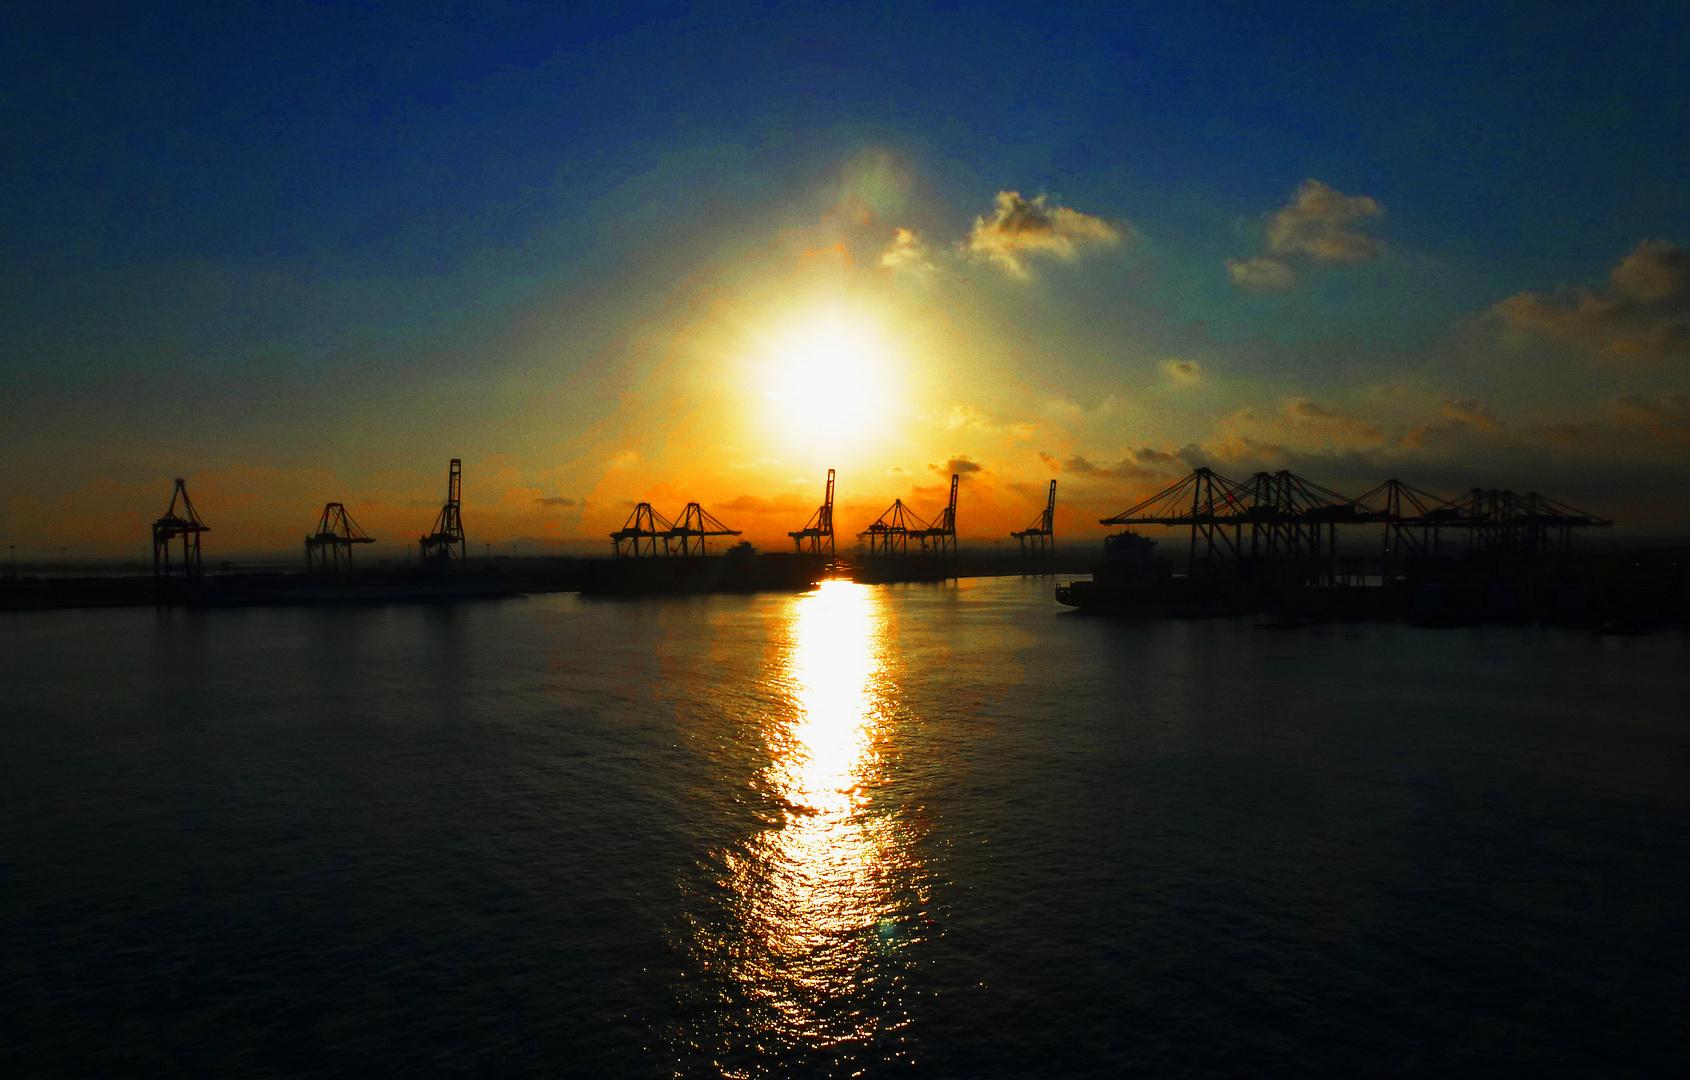 Sonnenuntergang über spanischen Hafenkränen